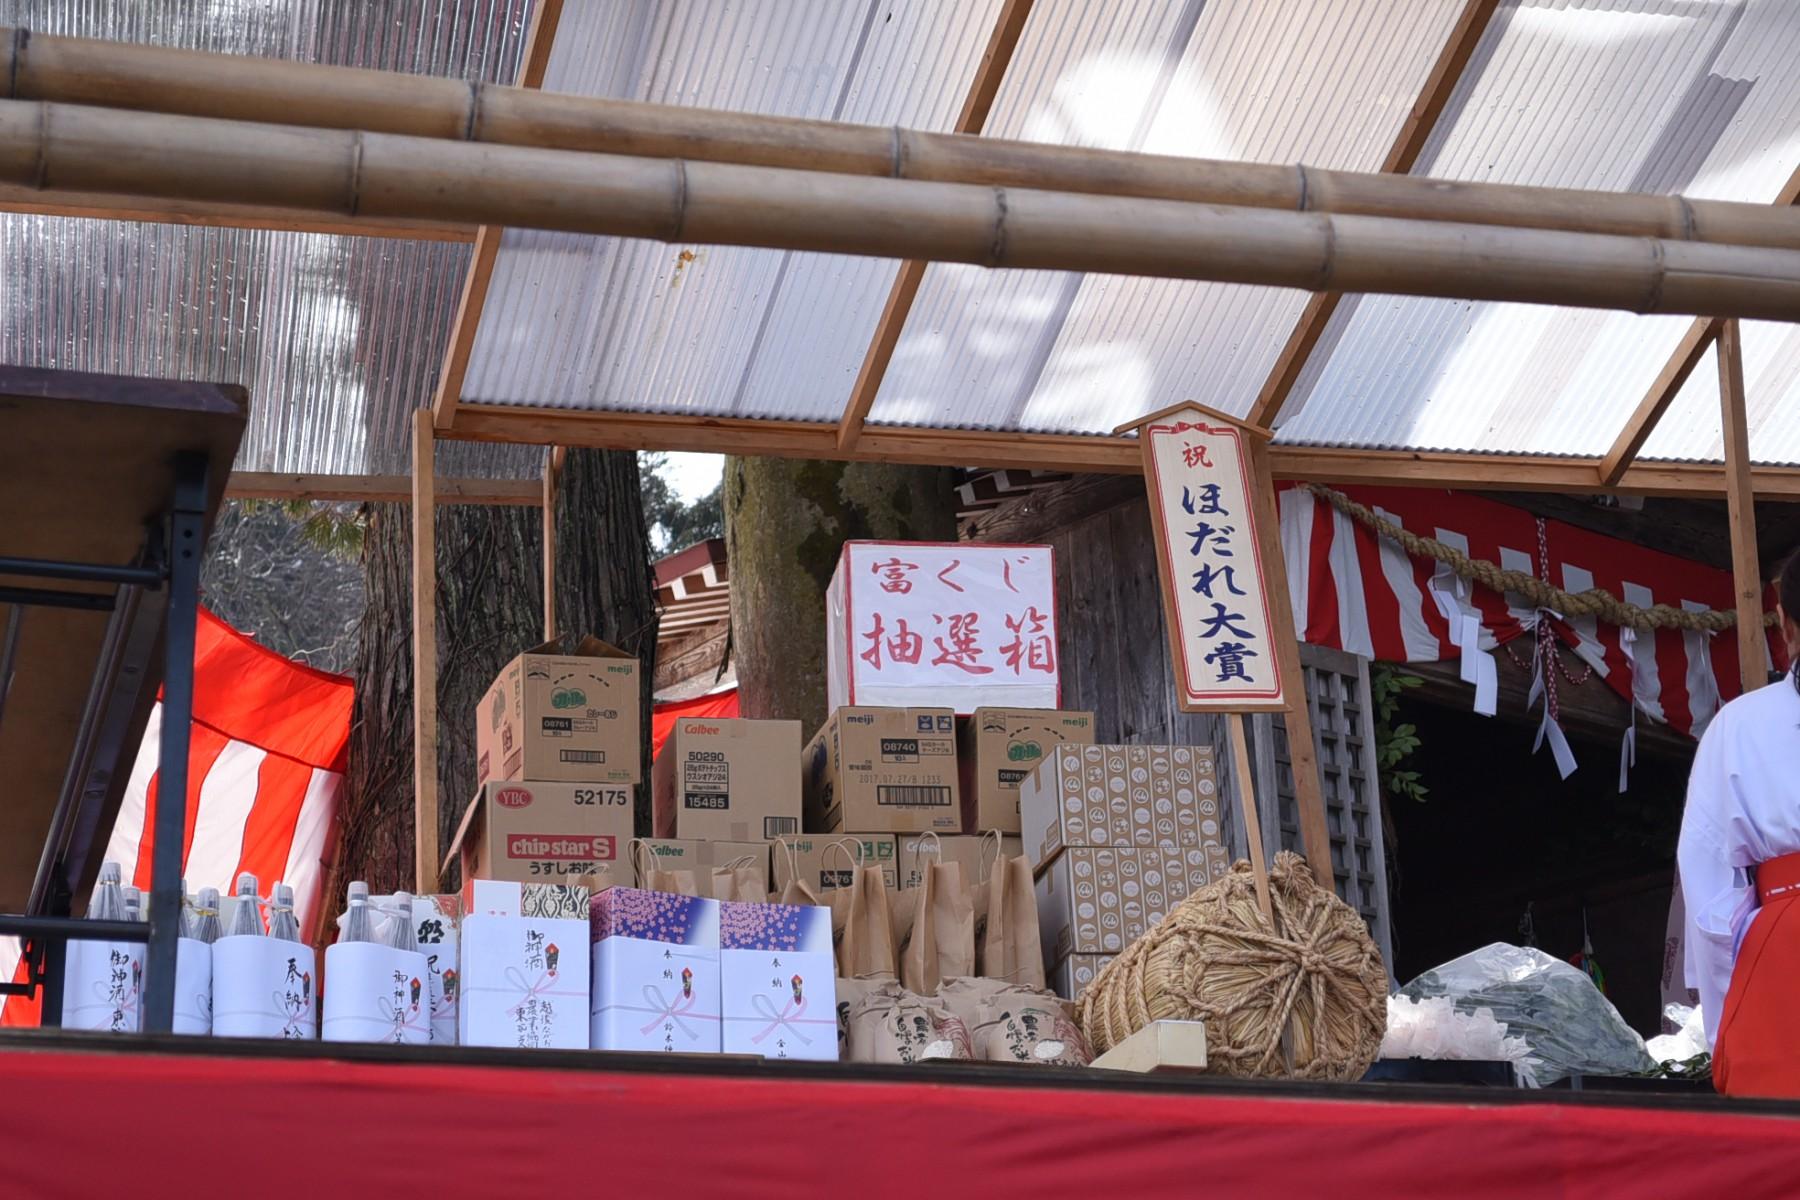 賞品は地元産コシヒカリやミニご神体など。ちなみに特賞を当てたのはカナダ出身の方でした。